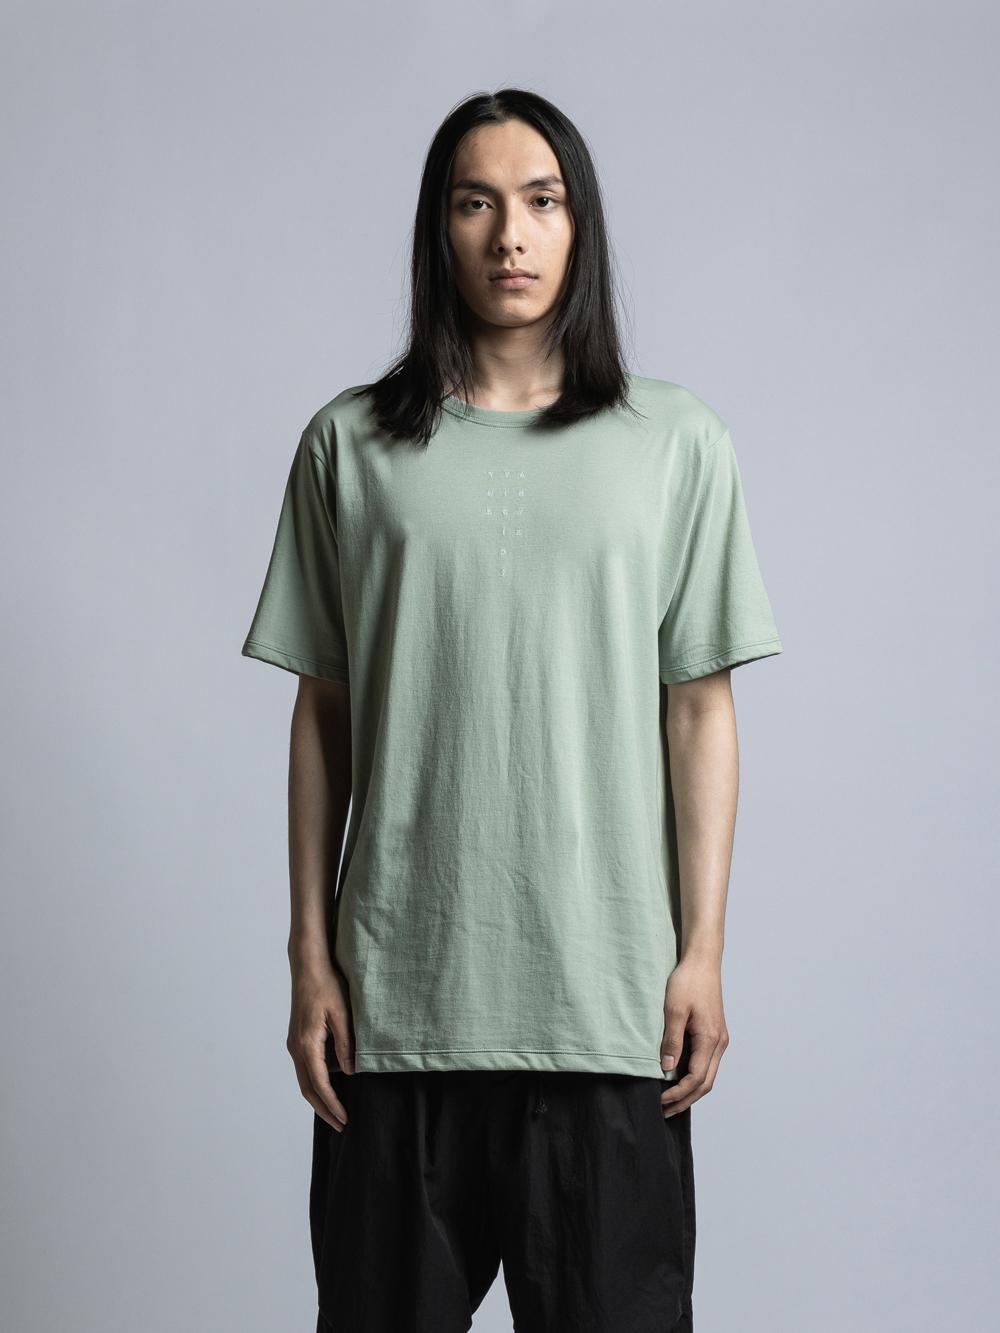 VI-3353-01 / 40/-天竺TVAロゴ刺繍Tシャツ